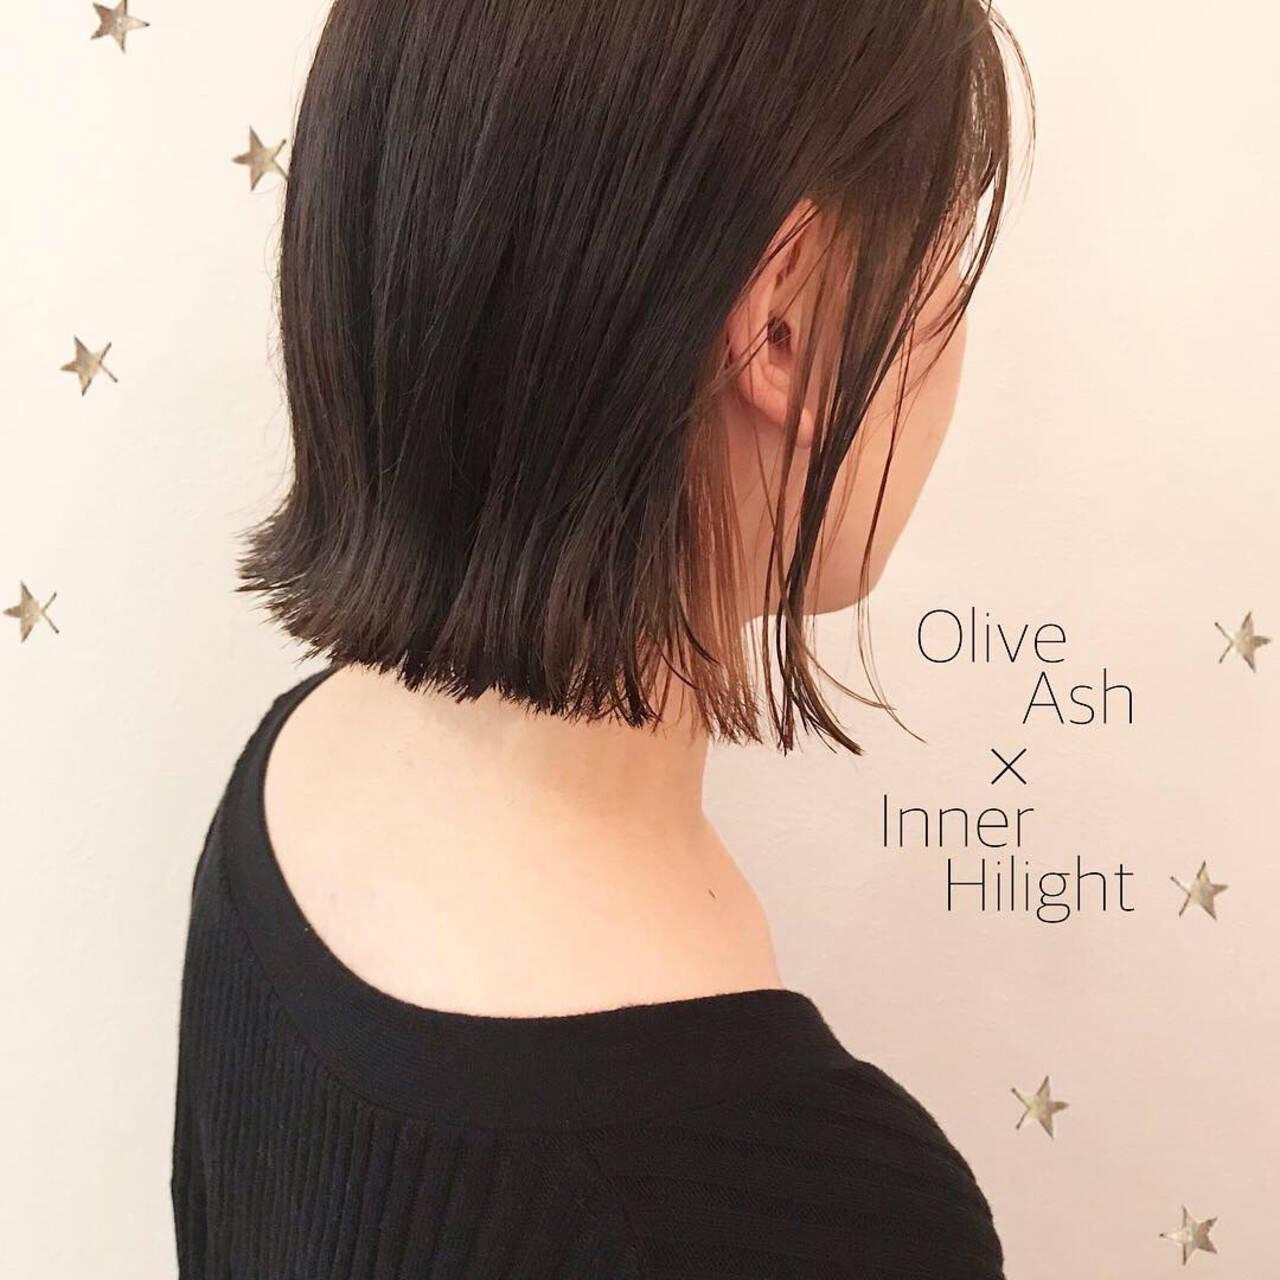 ボブ 切りっぱなし ストリート インナーカラーヘアスタイルや髪型の写真・画像